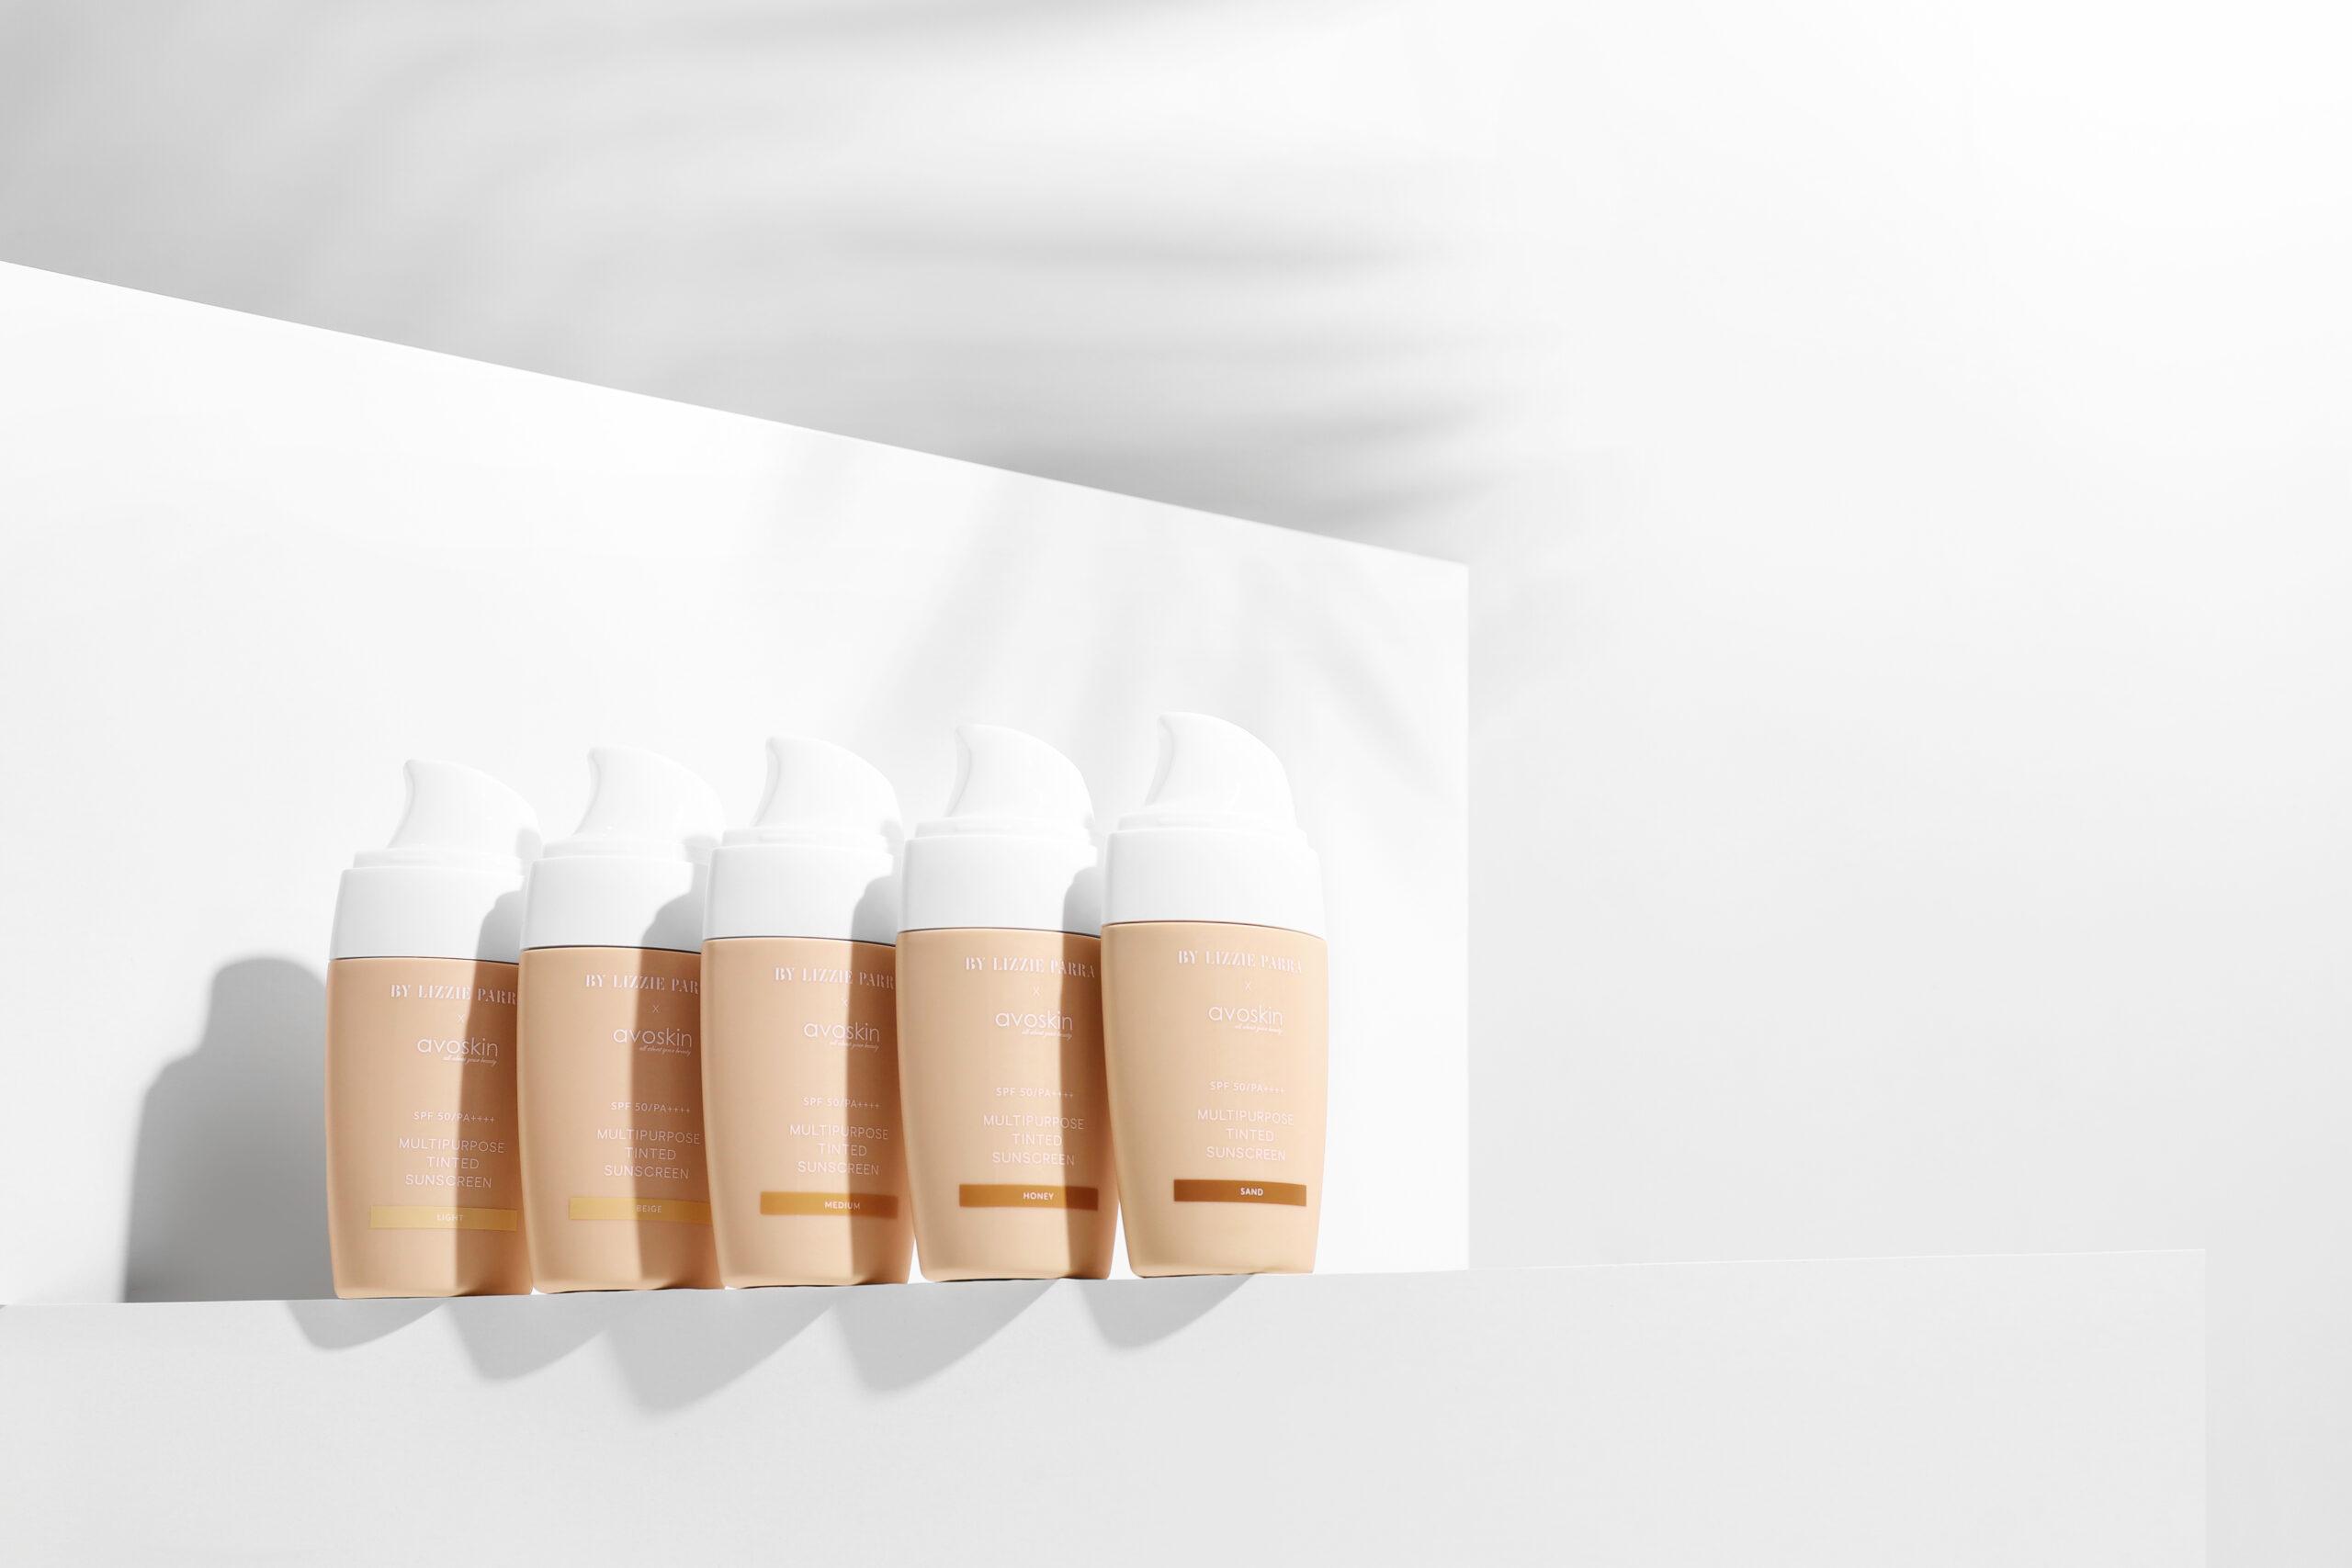 BLP Beauty x Avoskin Tinted Sunscreen